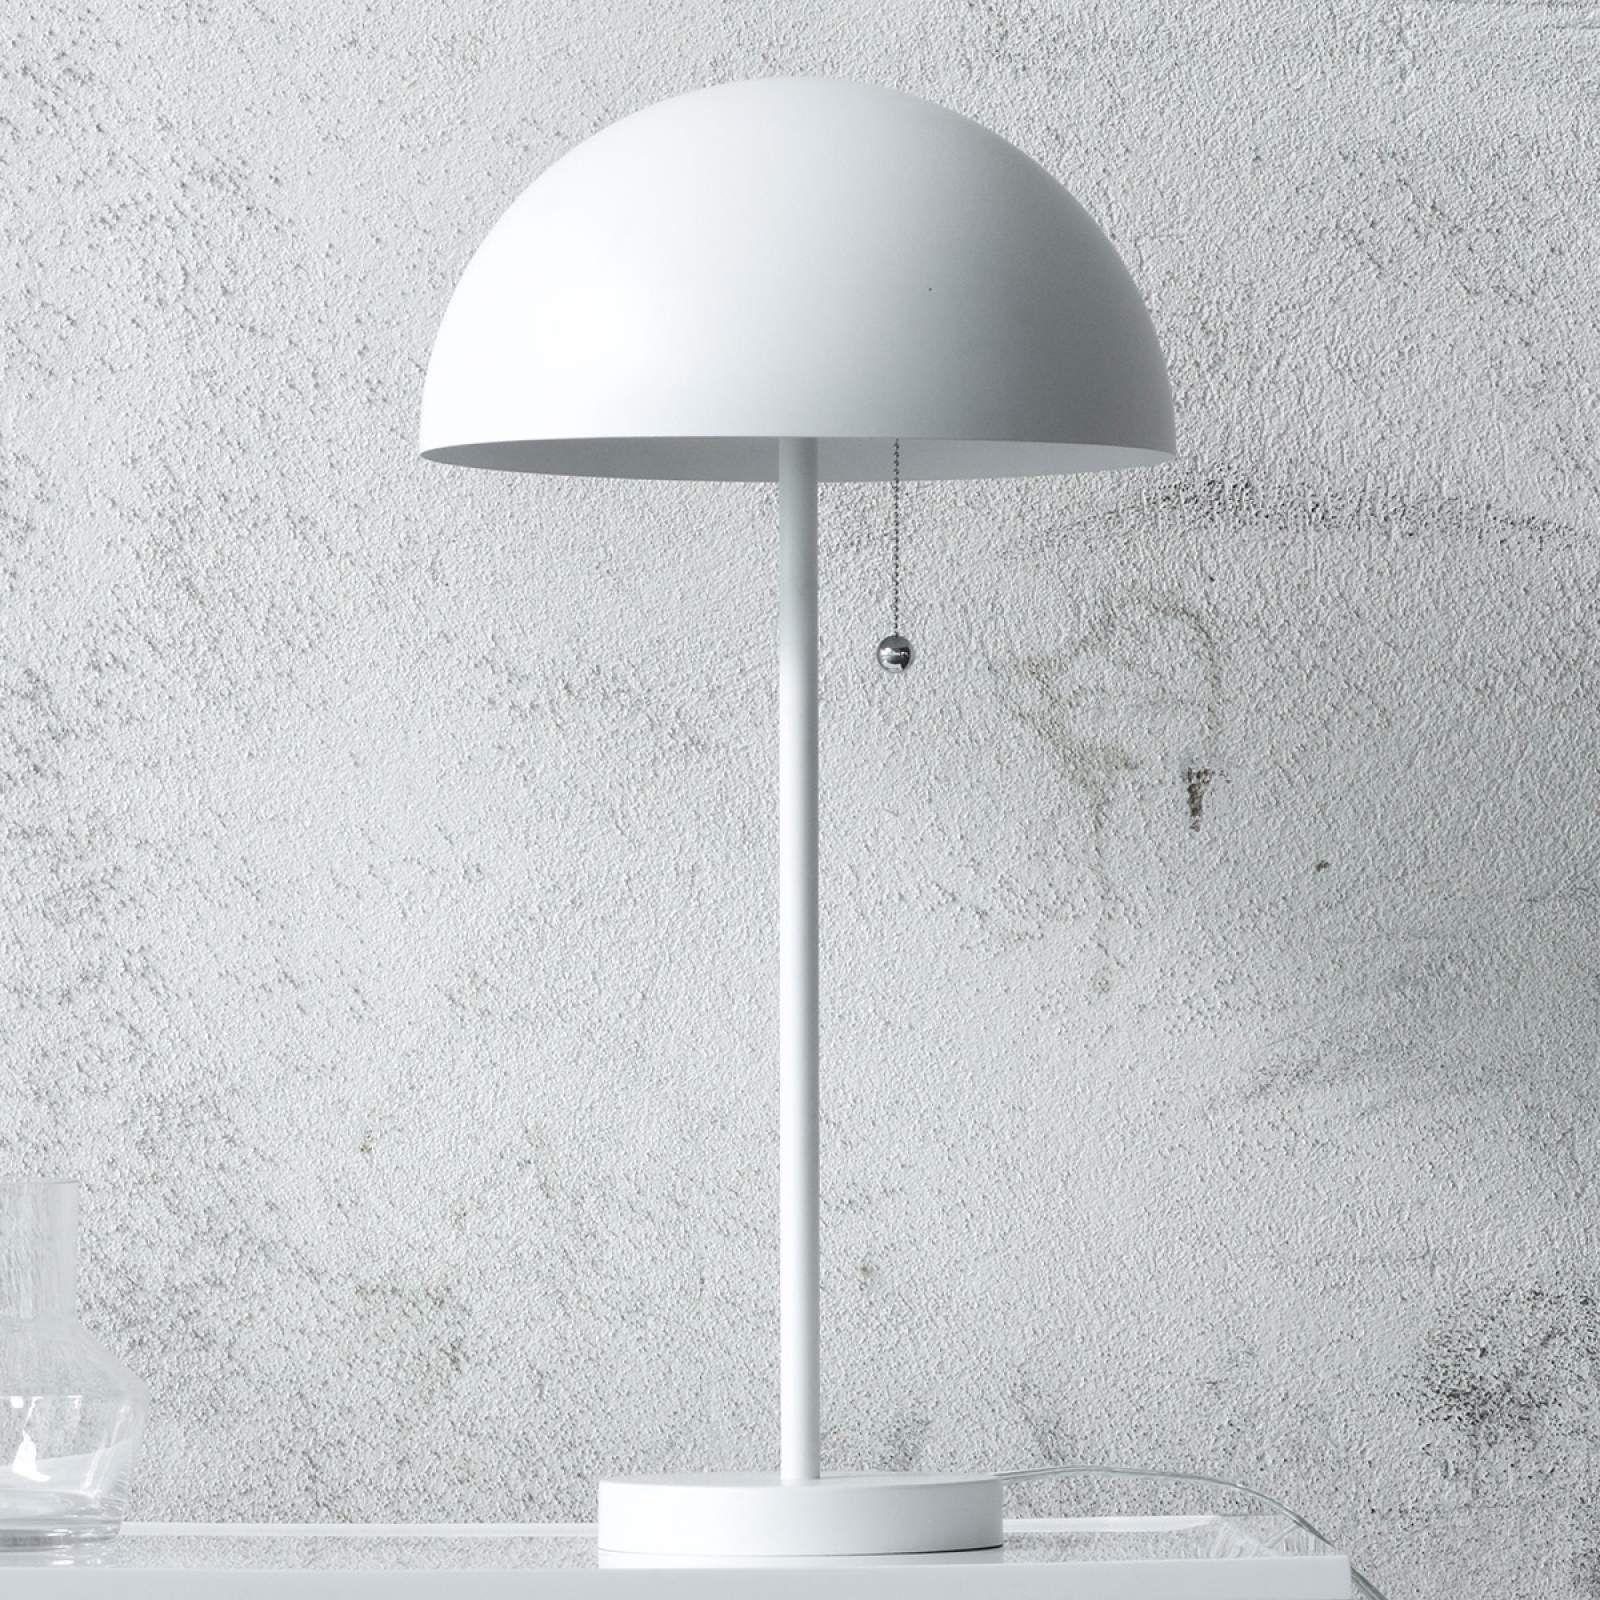 Skandinavische Tischlampe Bas Von Markslöjd Weiß Tischleuchte Led Deckenleuchte Bad Skandinavische Tischlampen